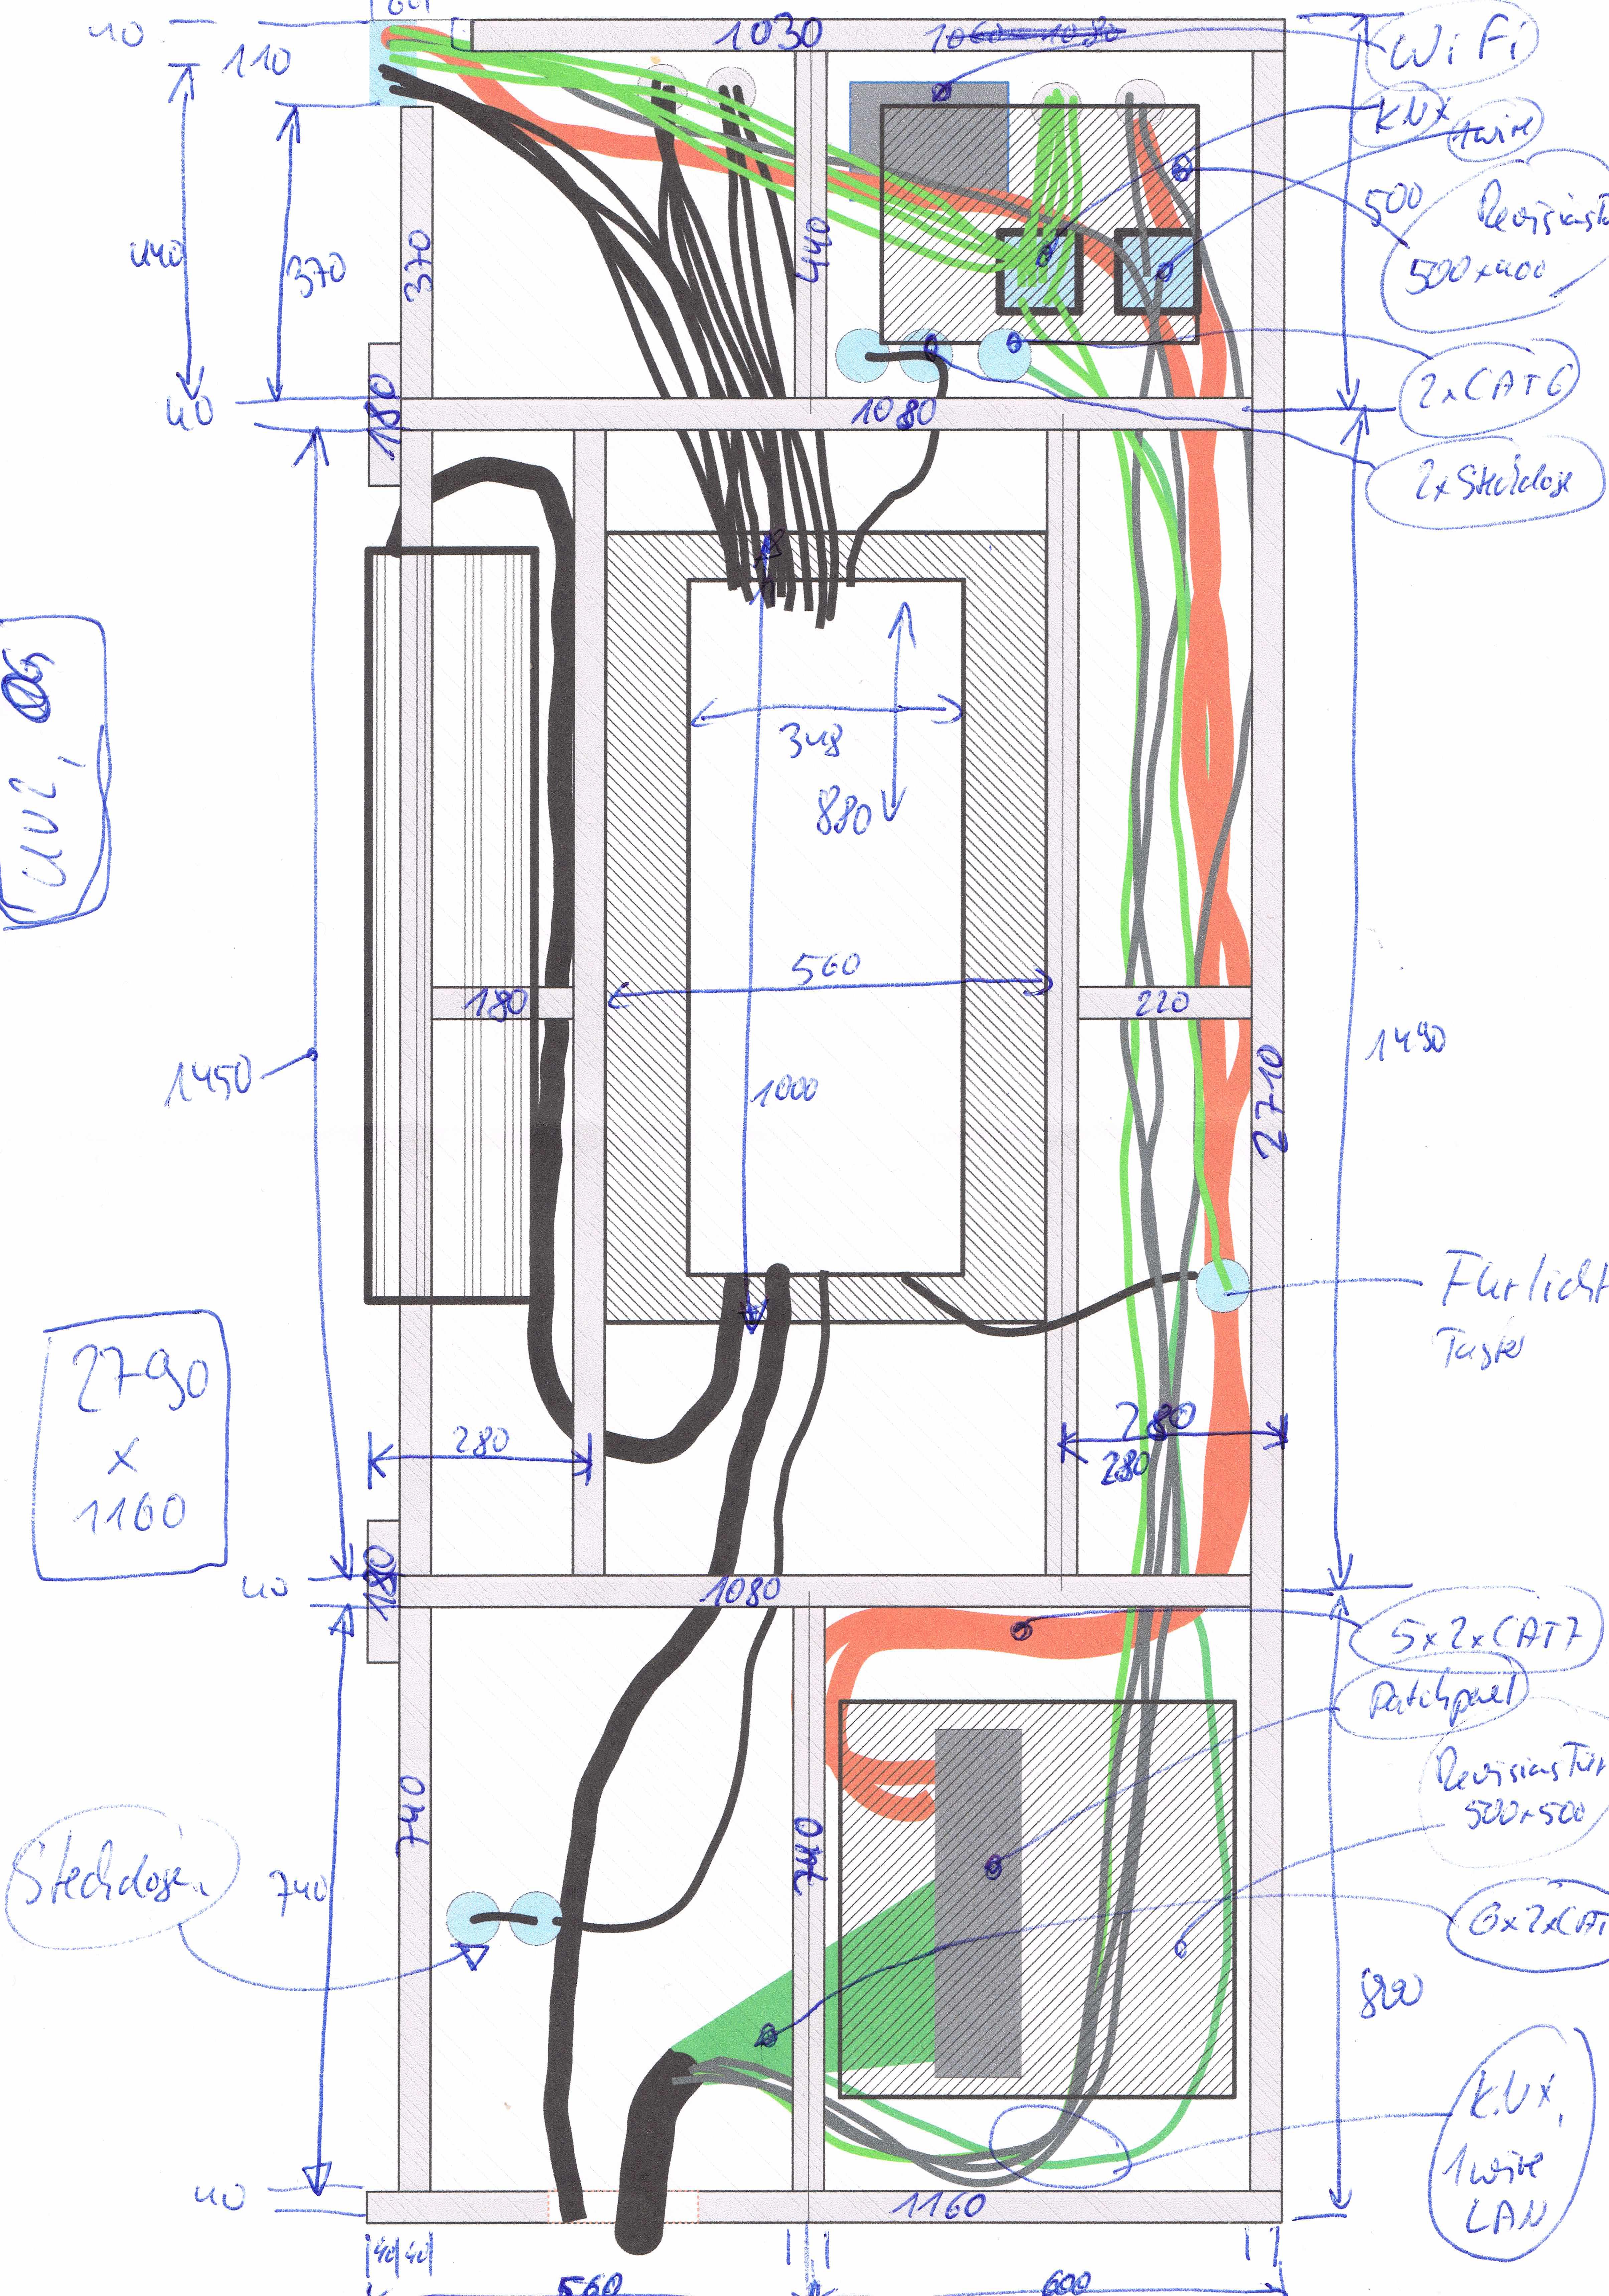 Ungewöhnlich Elektroverkabelung Bilder - Schaltplan-Ideen - mesoul.info